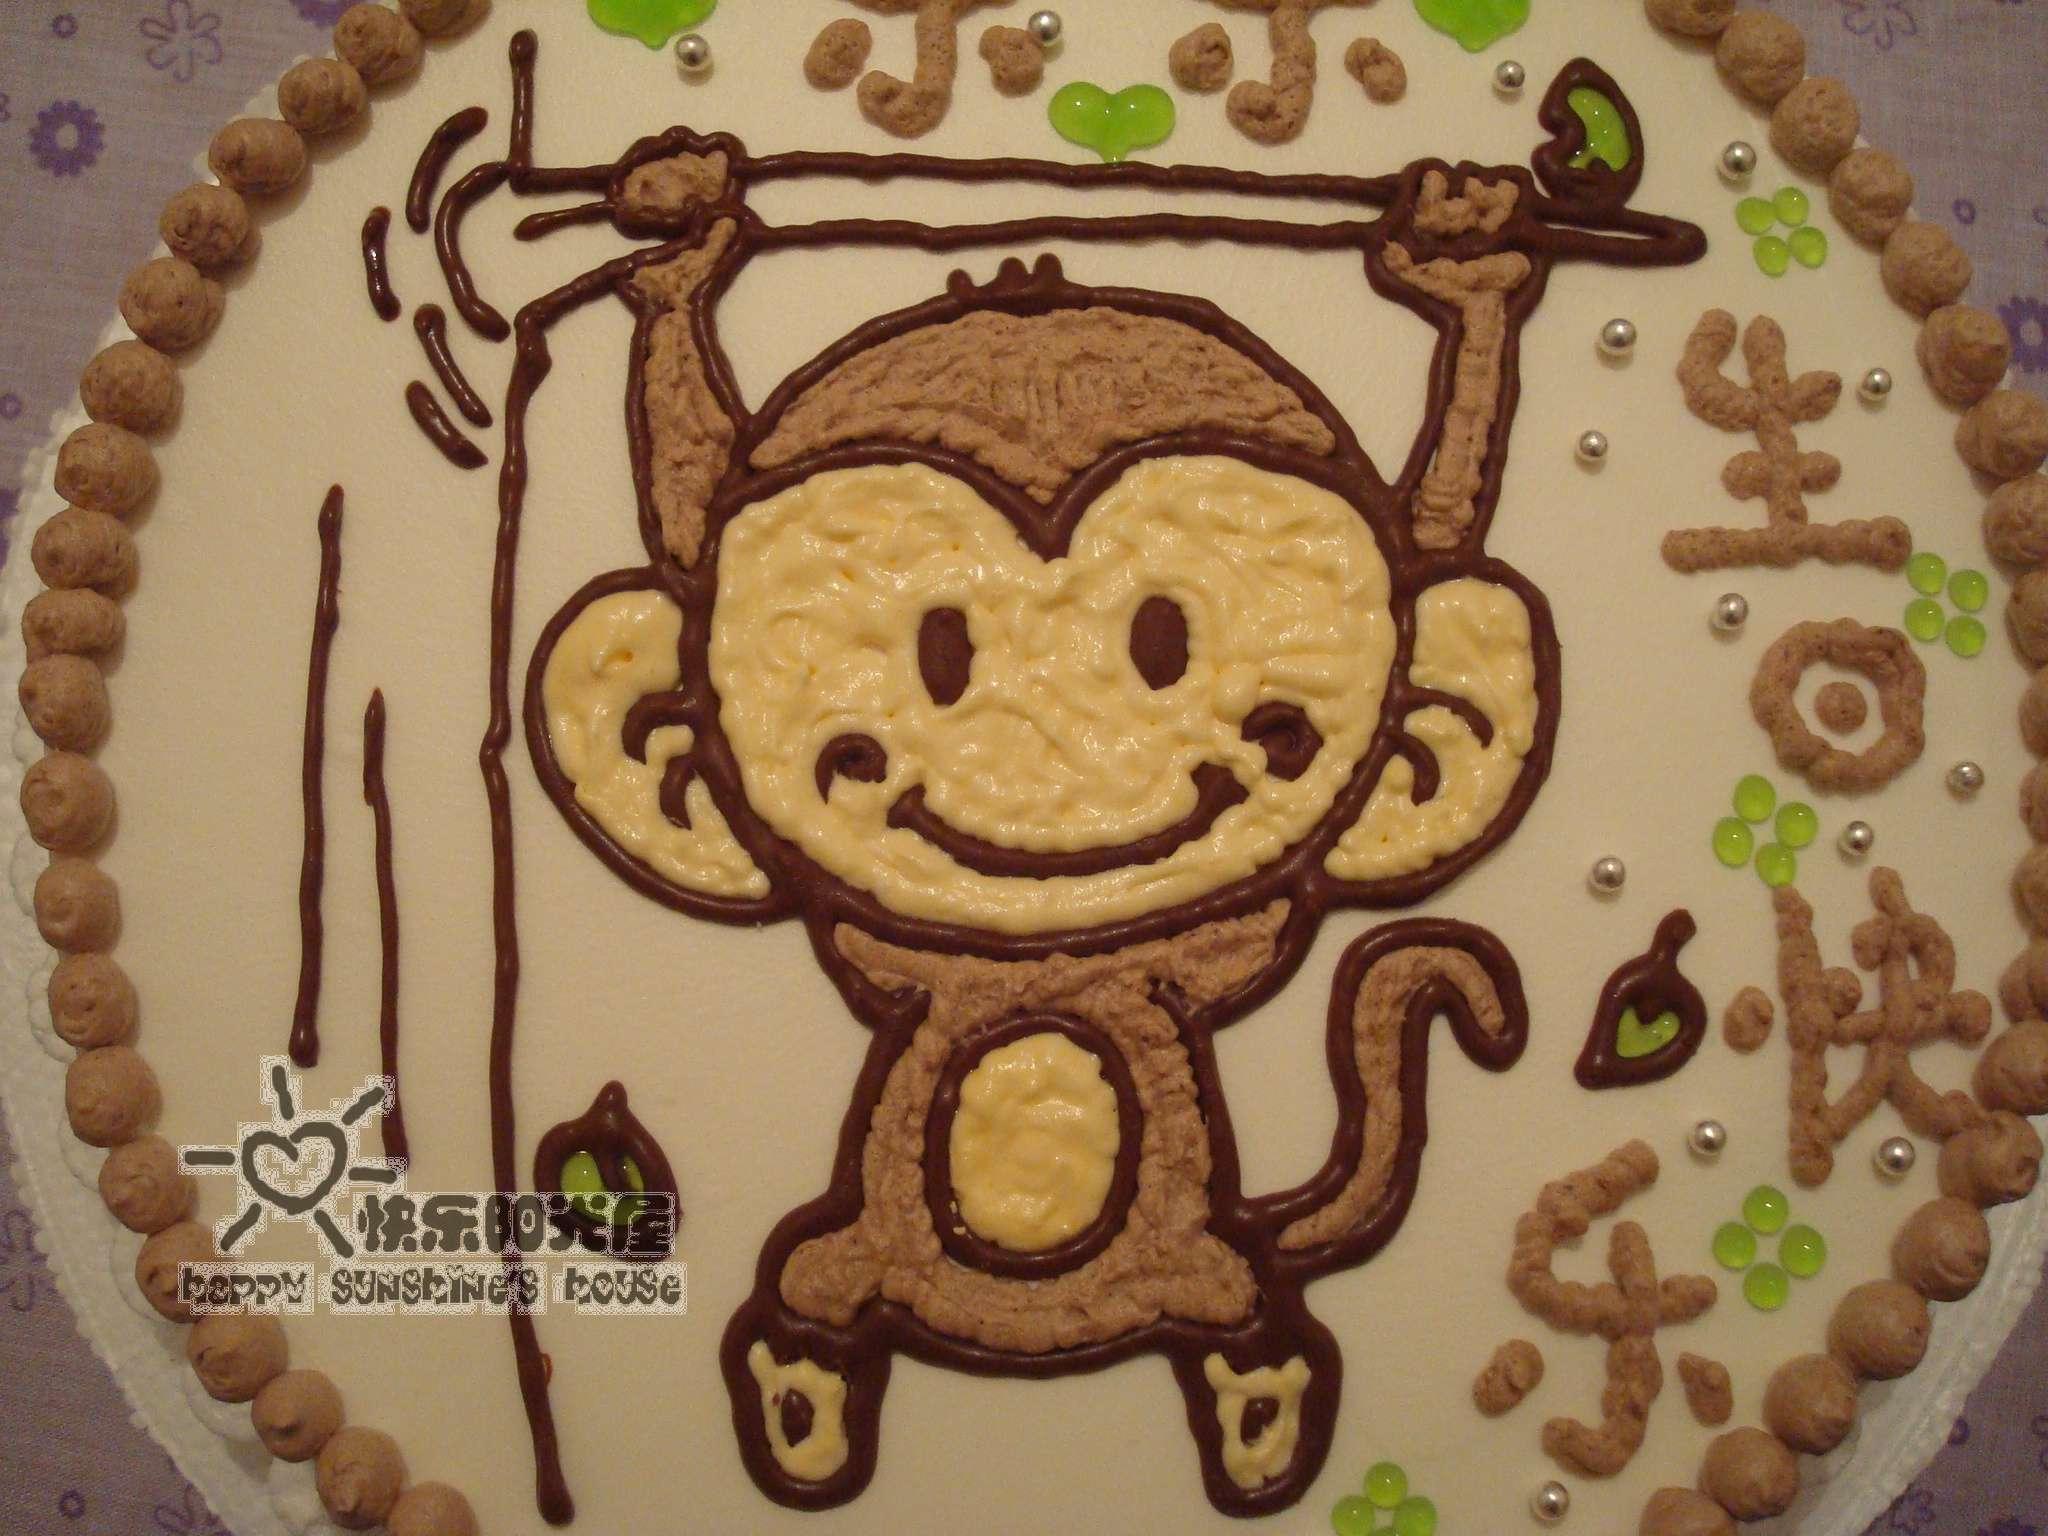 主题:再发一个卡通蛋糕——可爱小猴蛋糕